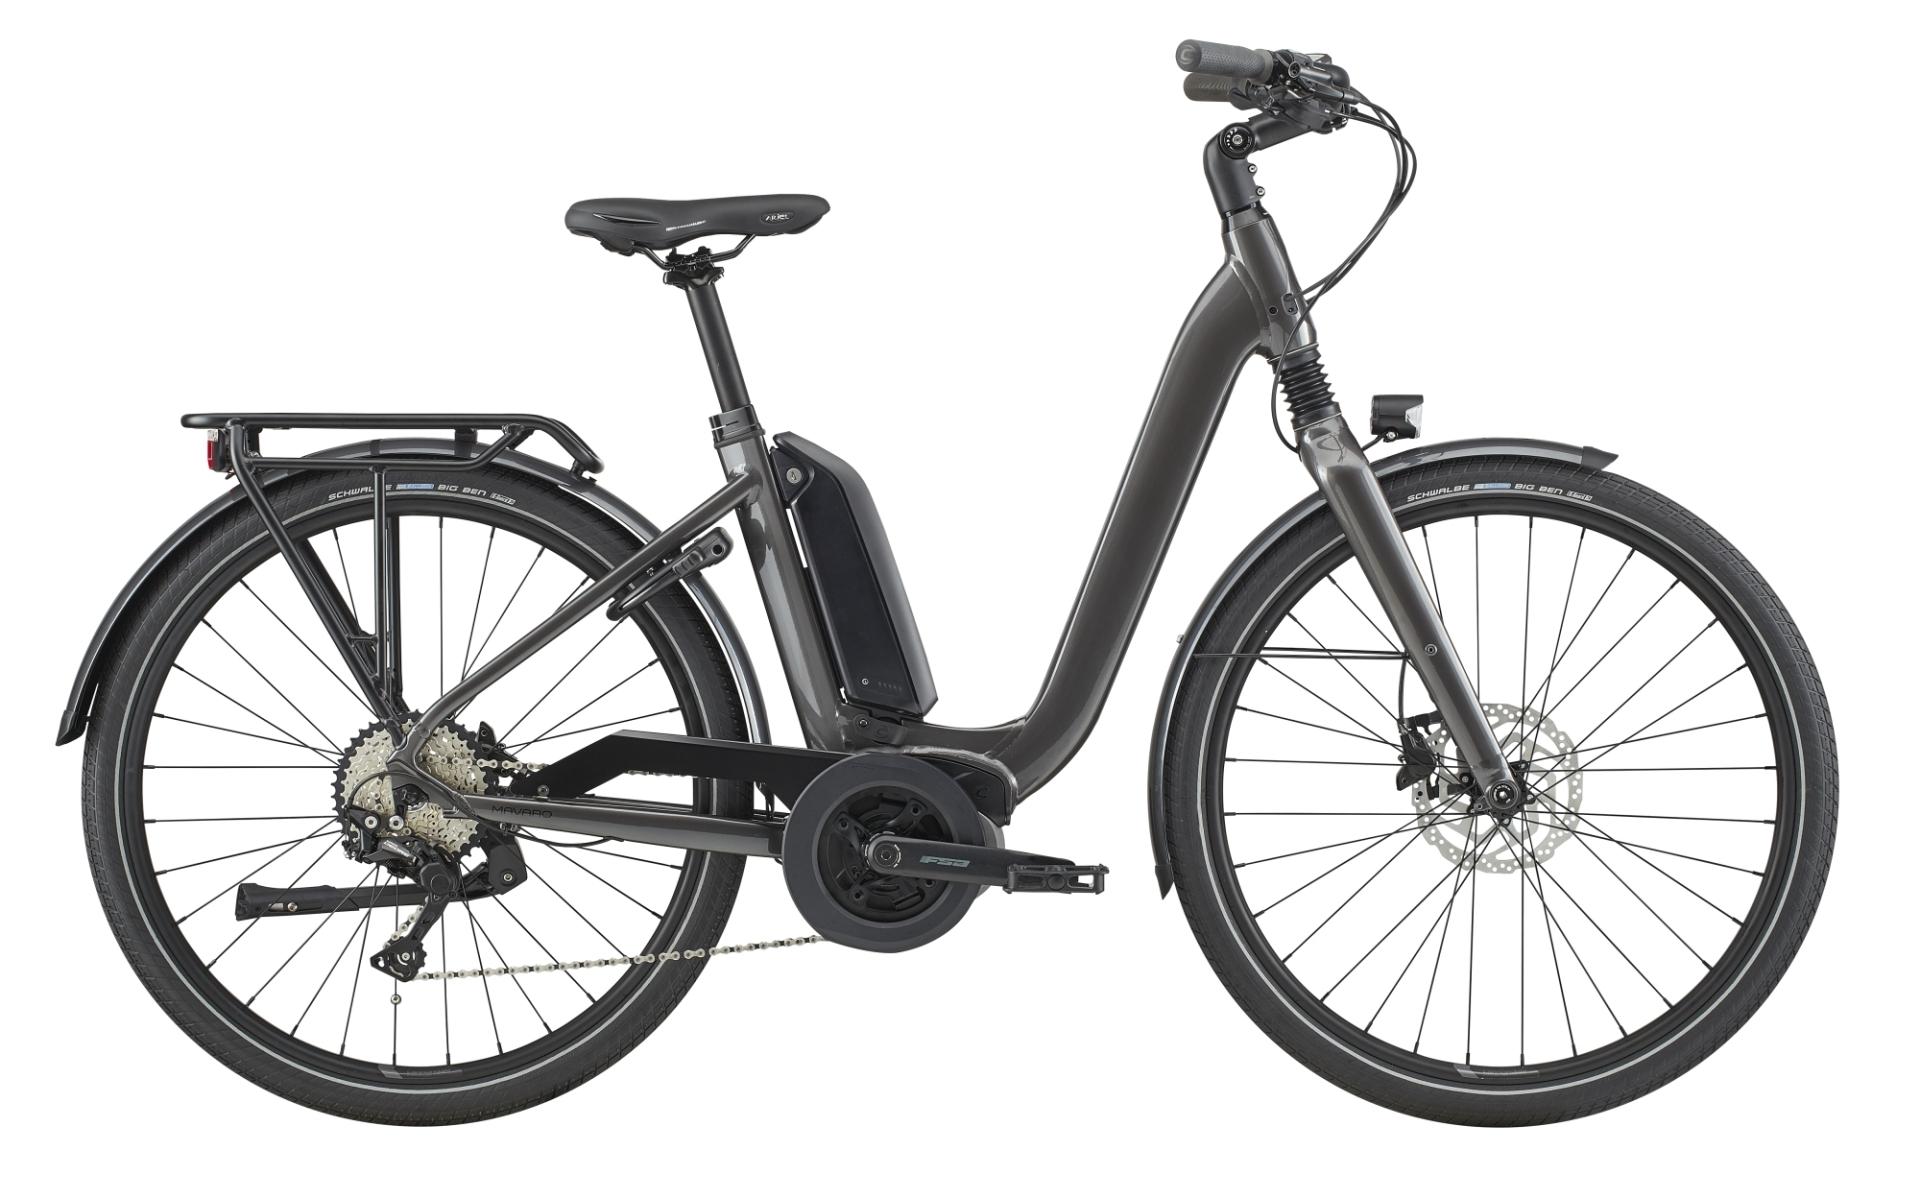 Cannondale Mavaro Neo City 3 pedelec városi kerékpár - szürke - 52 cm (2020)